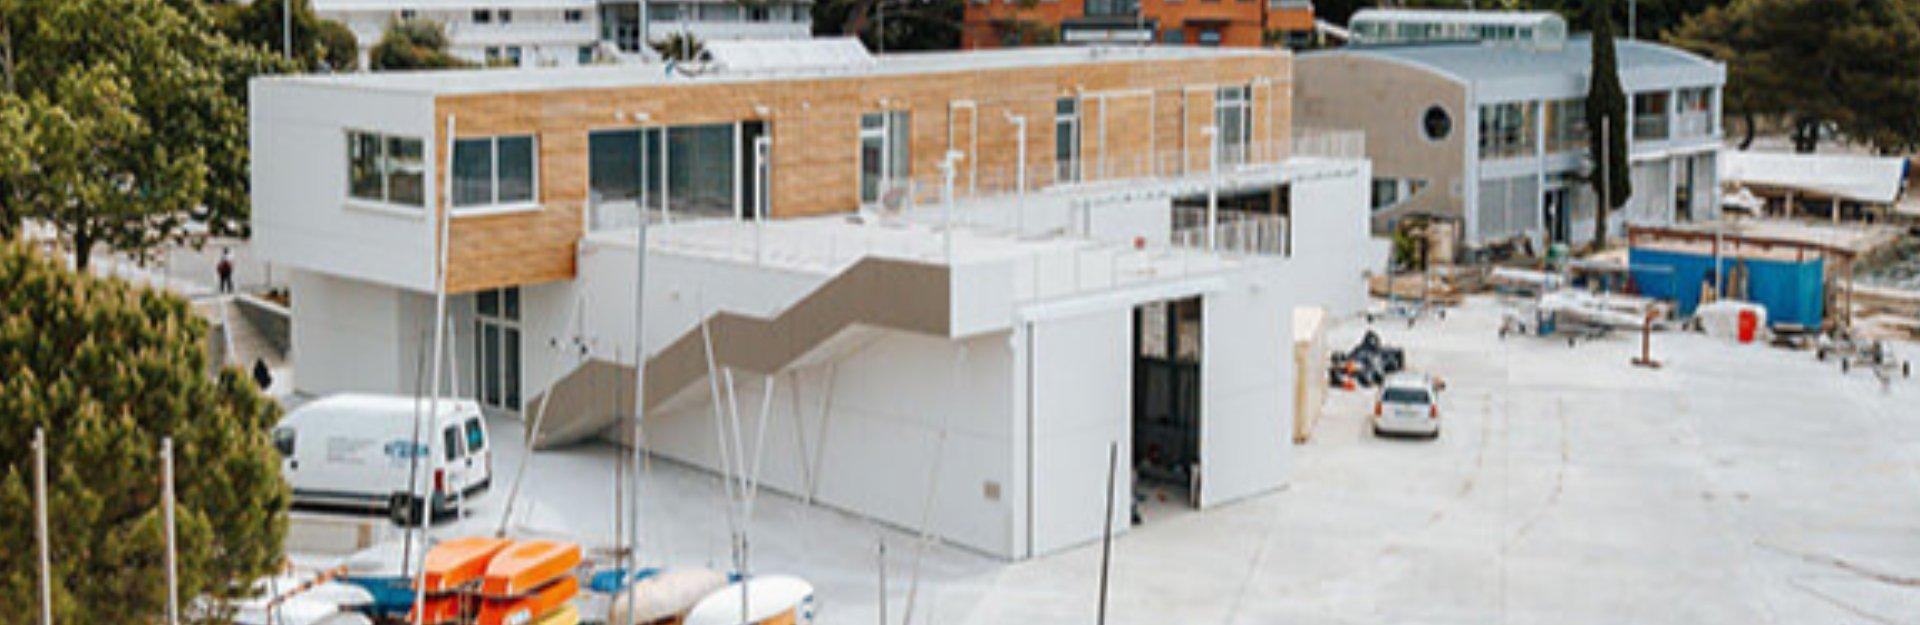 Jadralni center Portorož